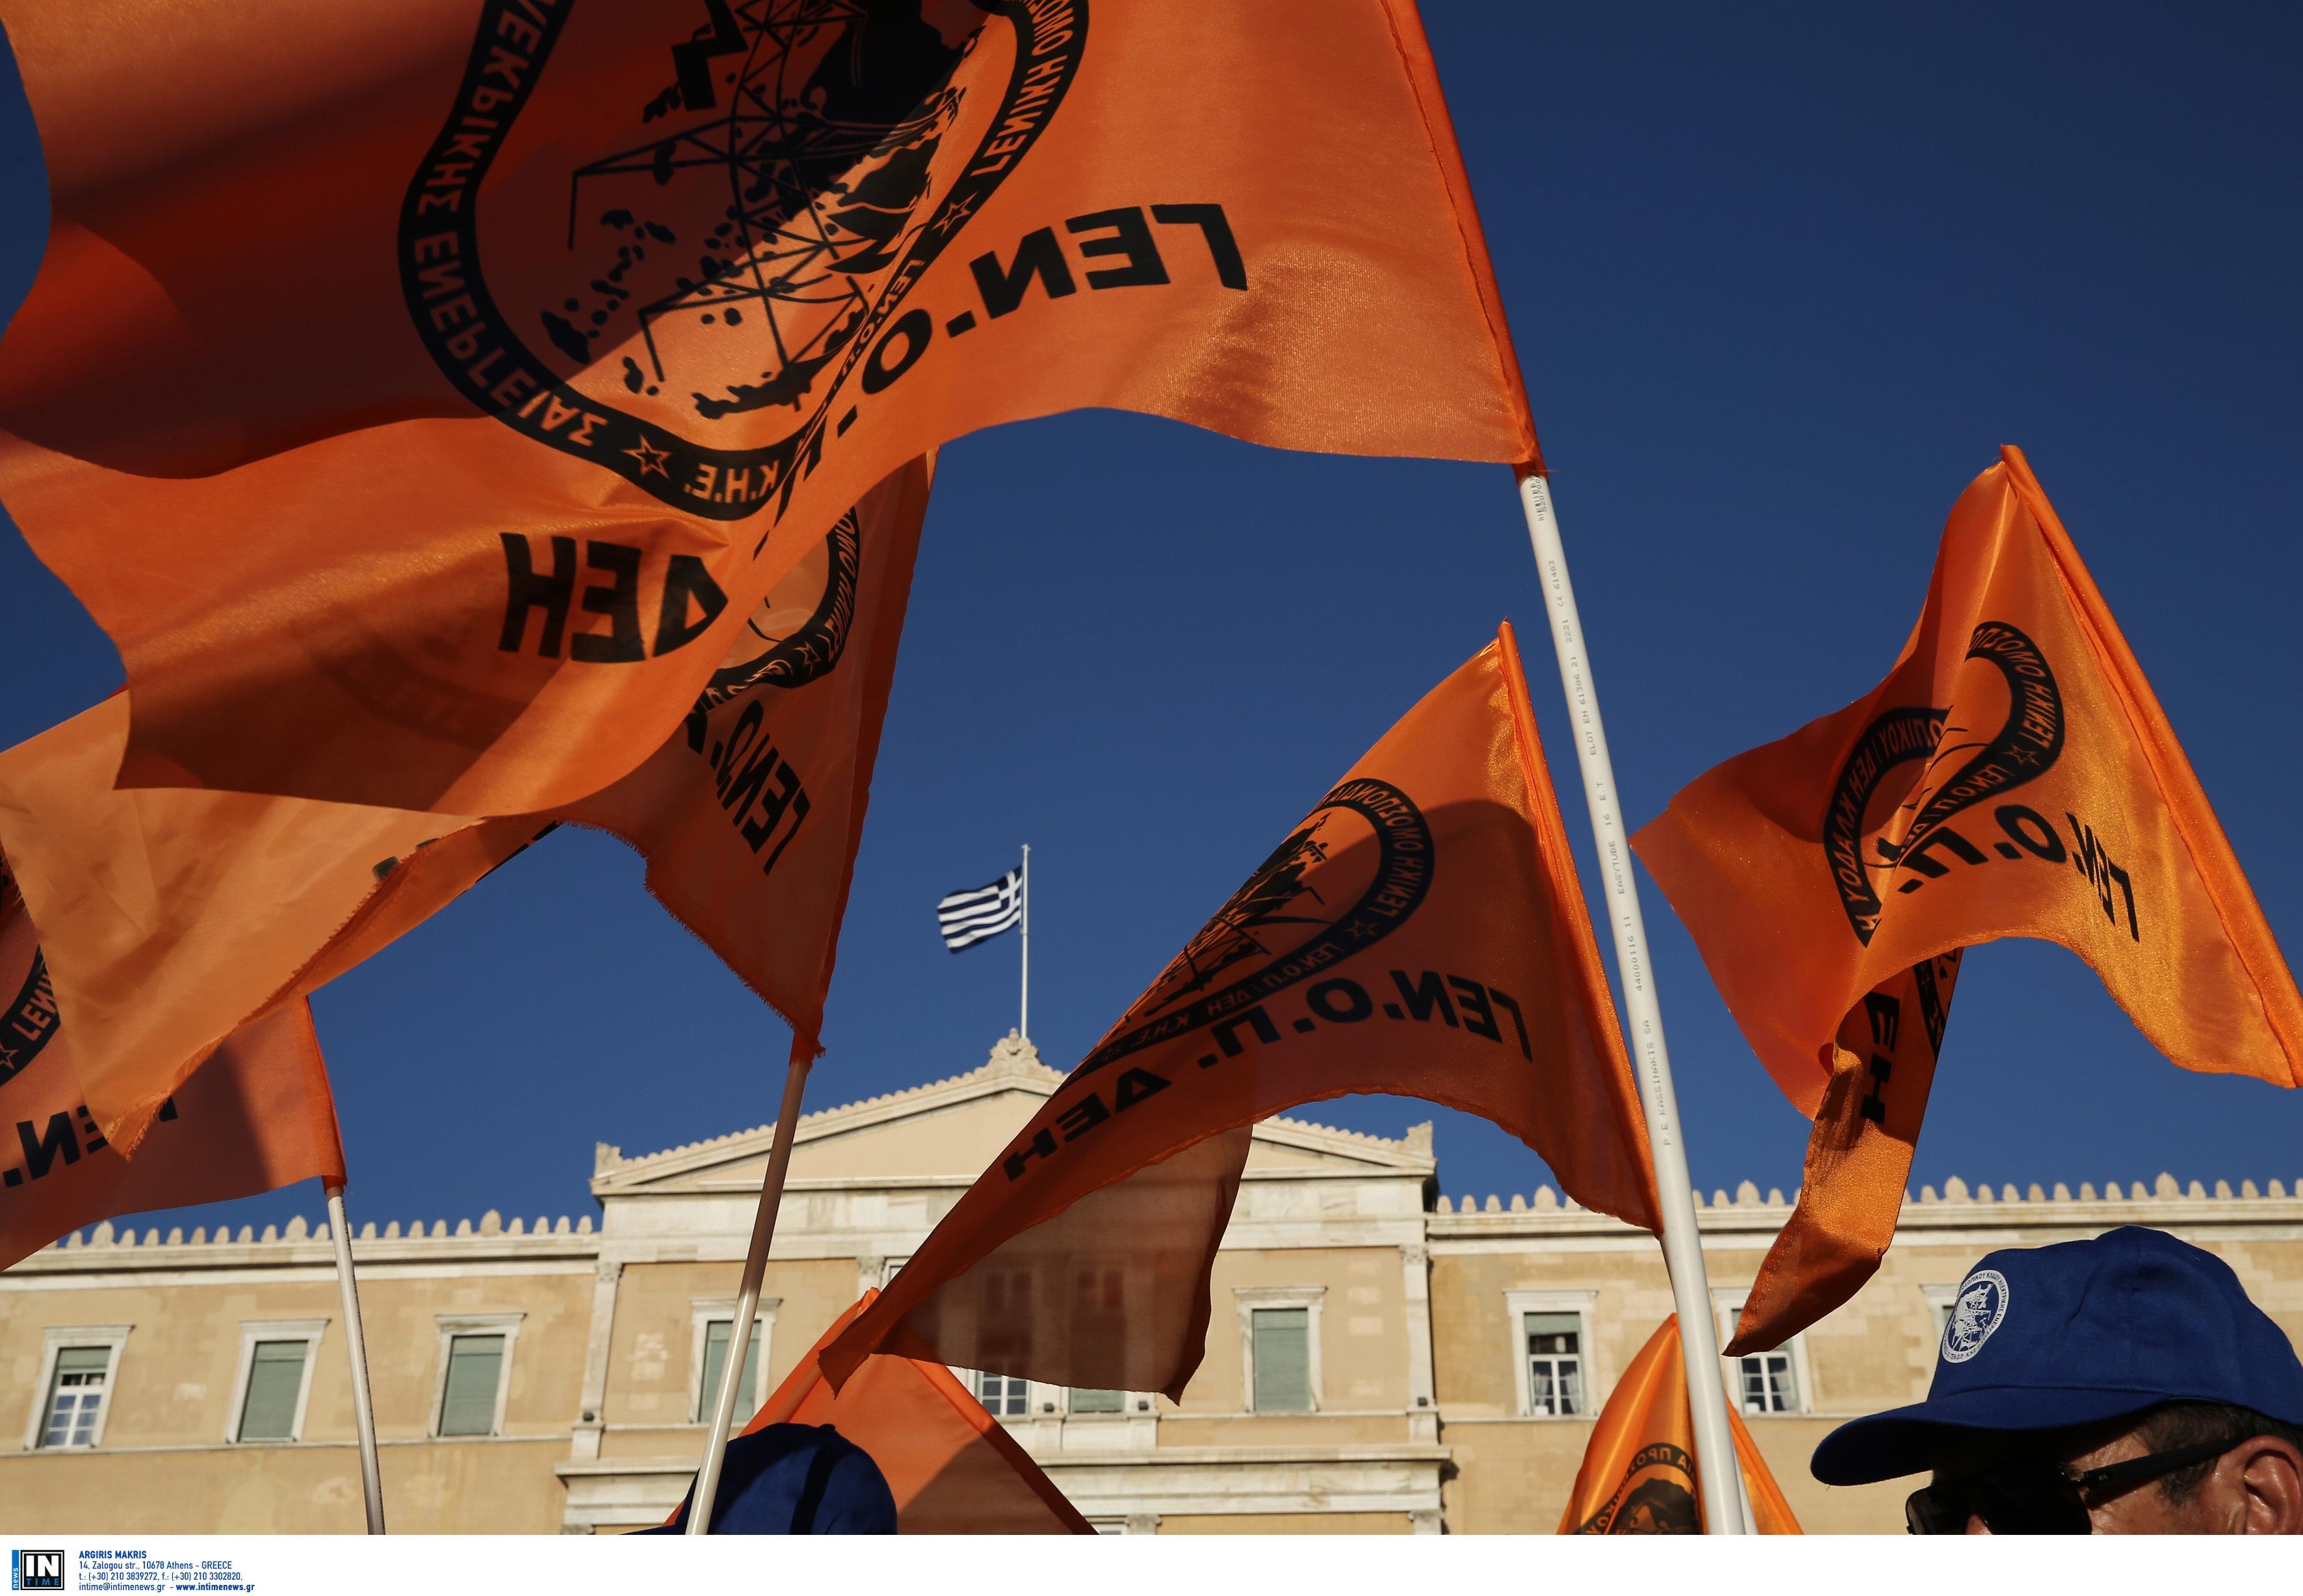 Πάνω οι διακόπτες! Αναστέλλονται οι 48ωρες απεργίες της ΓΕΝΟΠ ΔΕΗ - Γιατί δεν θα γίνουν